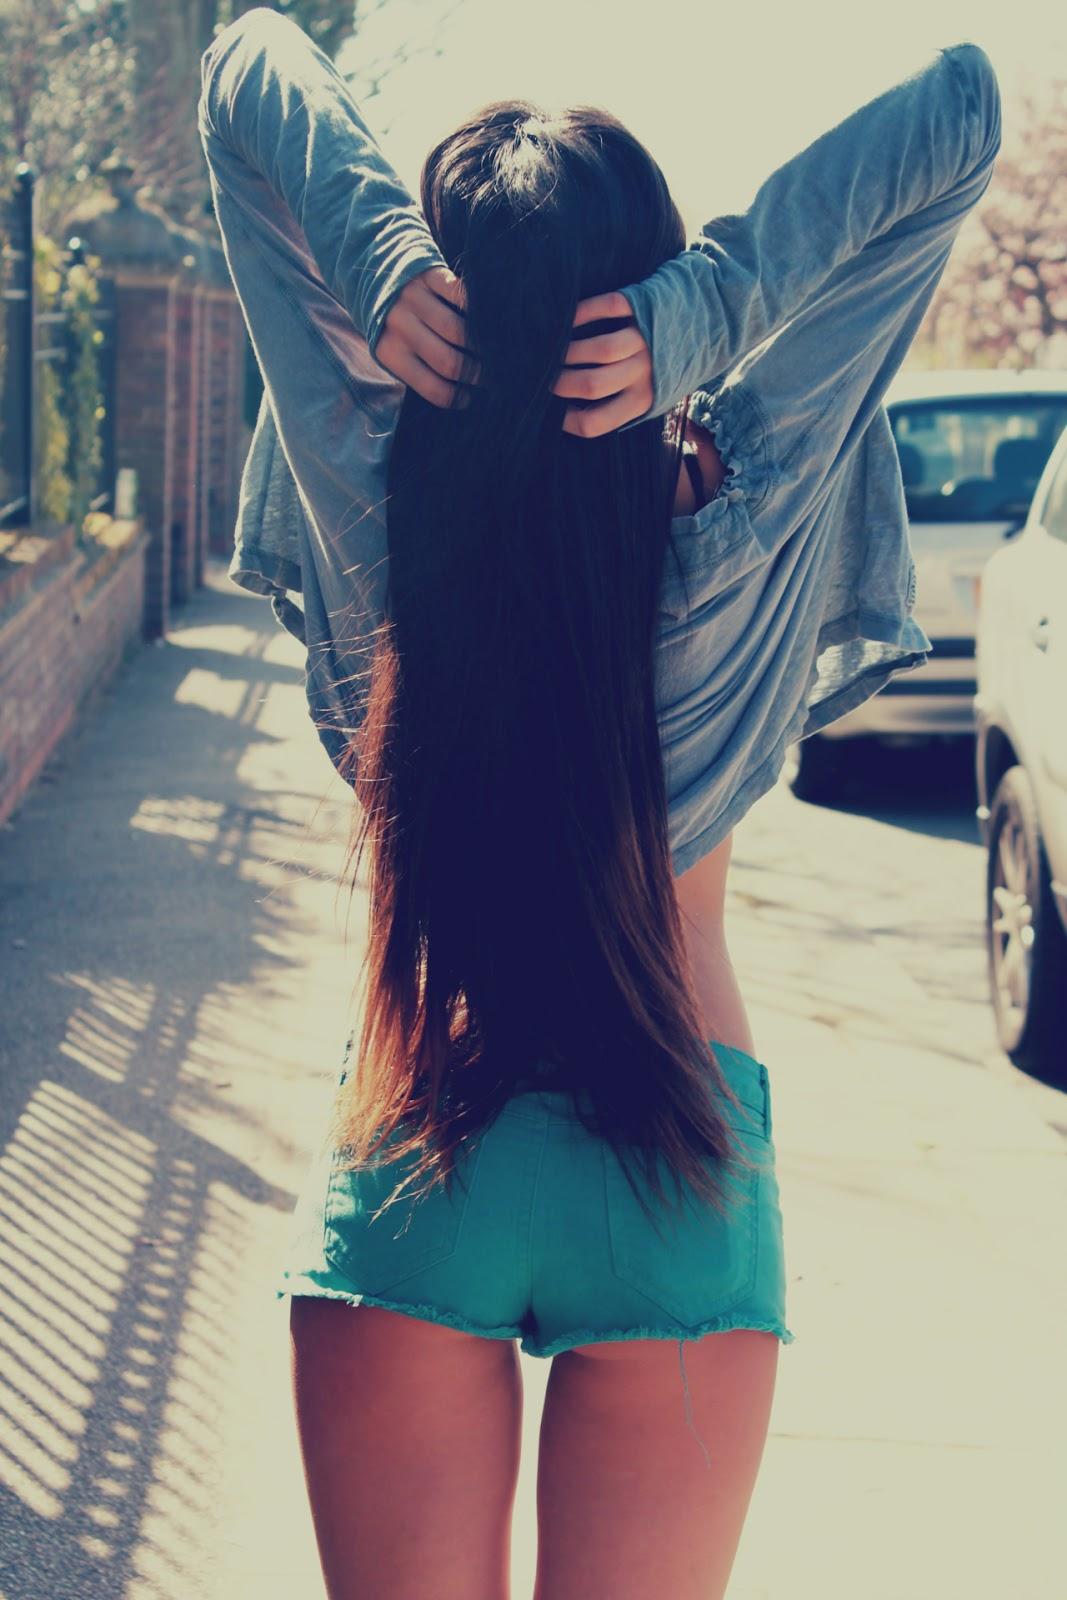 Женщины брюнетки фото со спины на аву